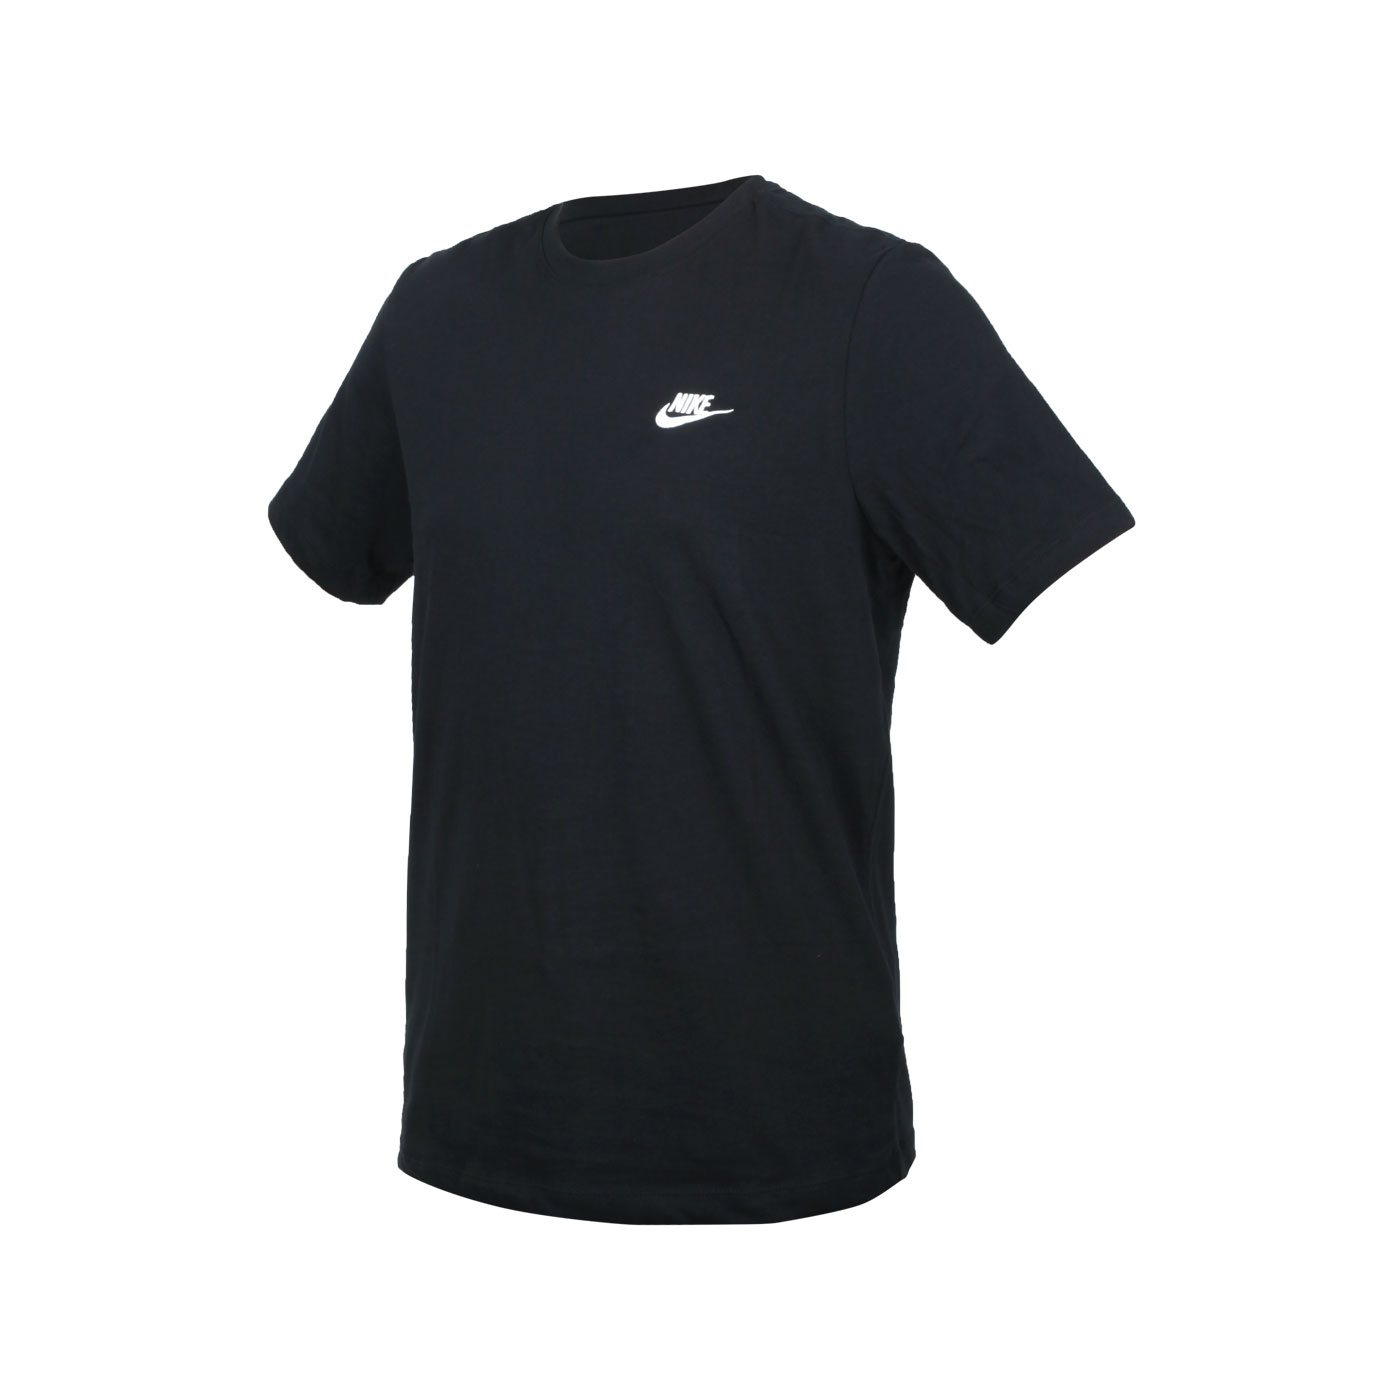 NIKE 男女款短袖T恤 AR4999-013 - 黑白